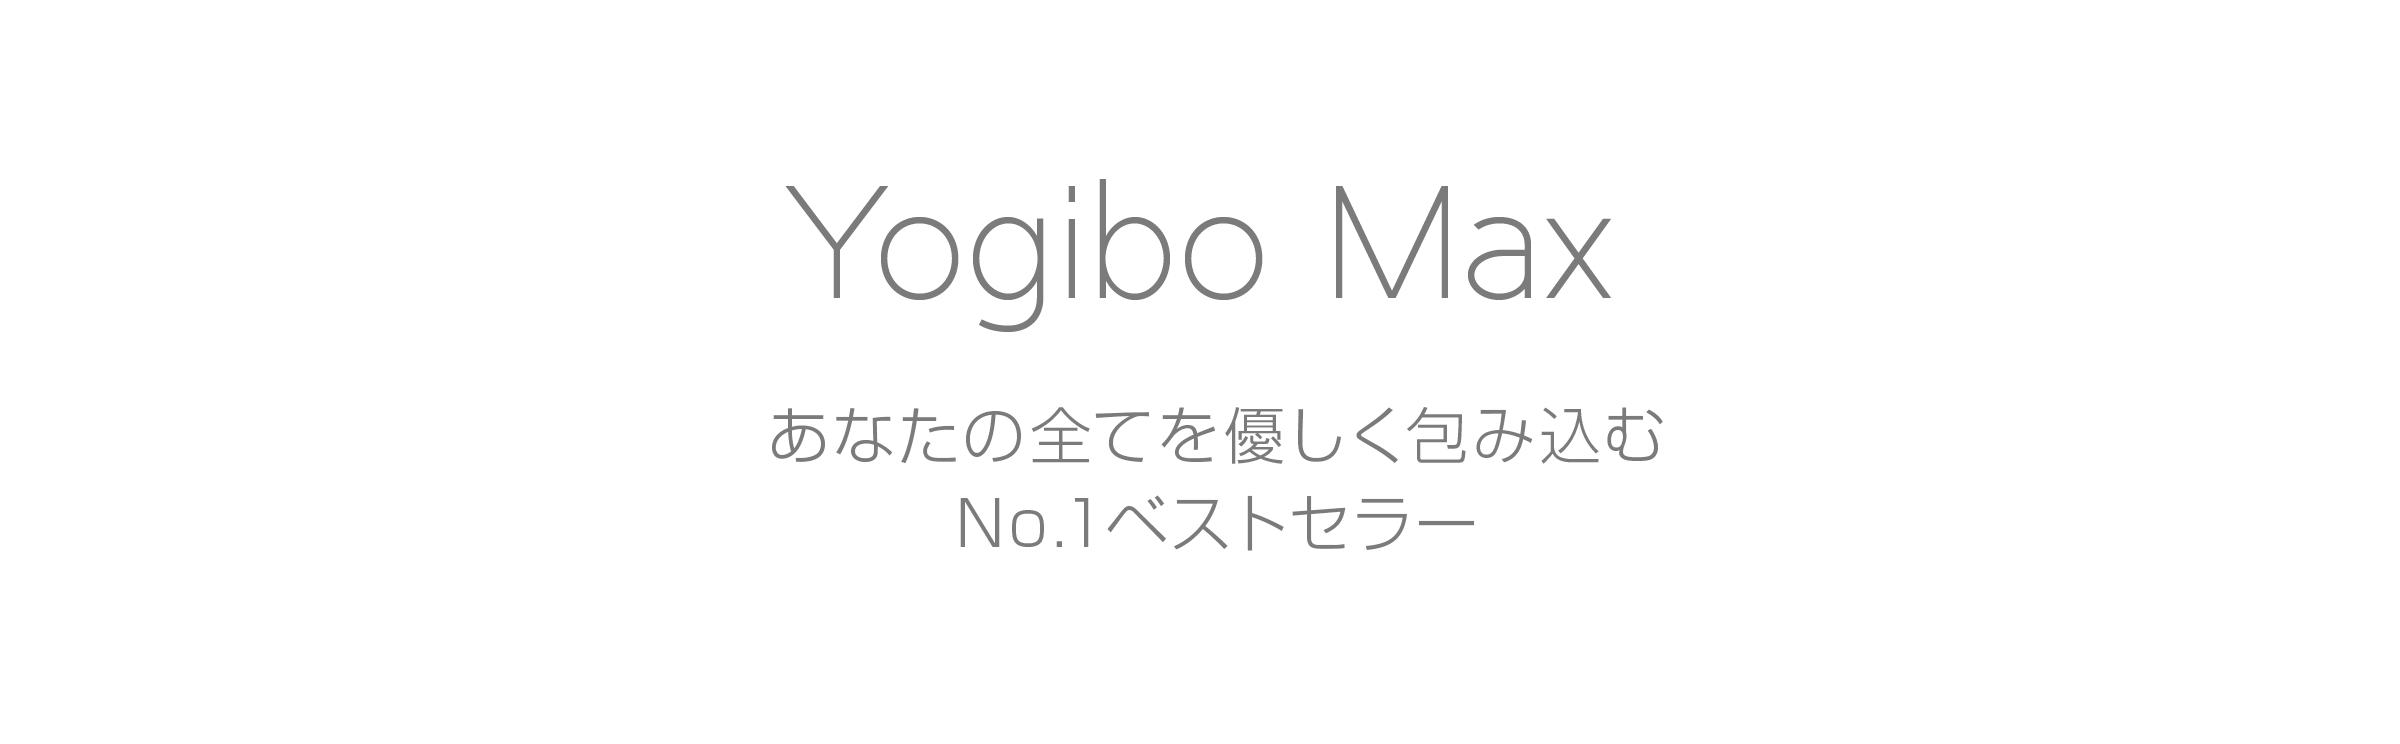 Yogibo Max あなたの全てを優しく包み込むNo.1ベストセラー